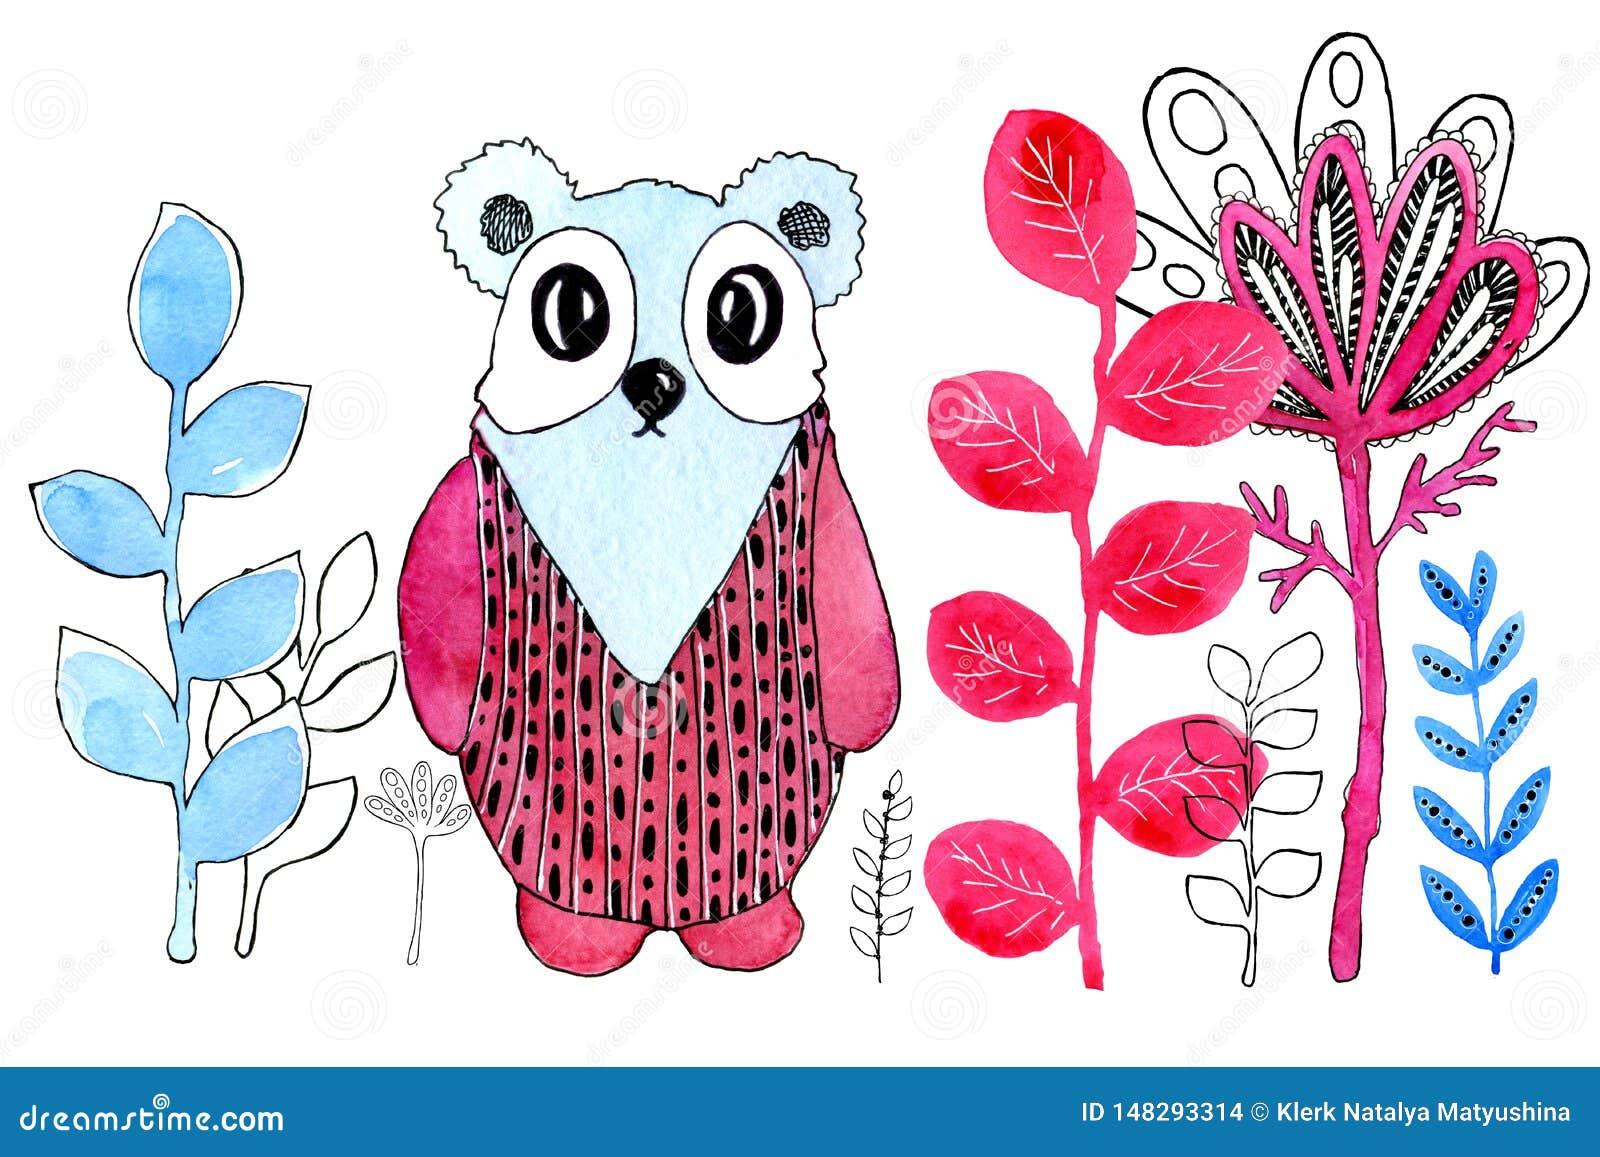 Imagen de la historieta de una panda Frontera Dibujo en acuarela y estilo gráfico para el diseño de impresiones, fondos, tarjetas